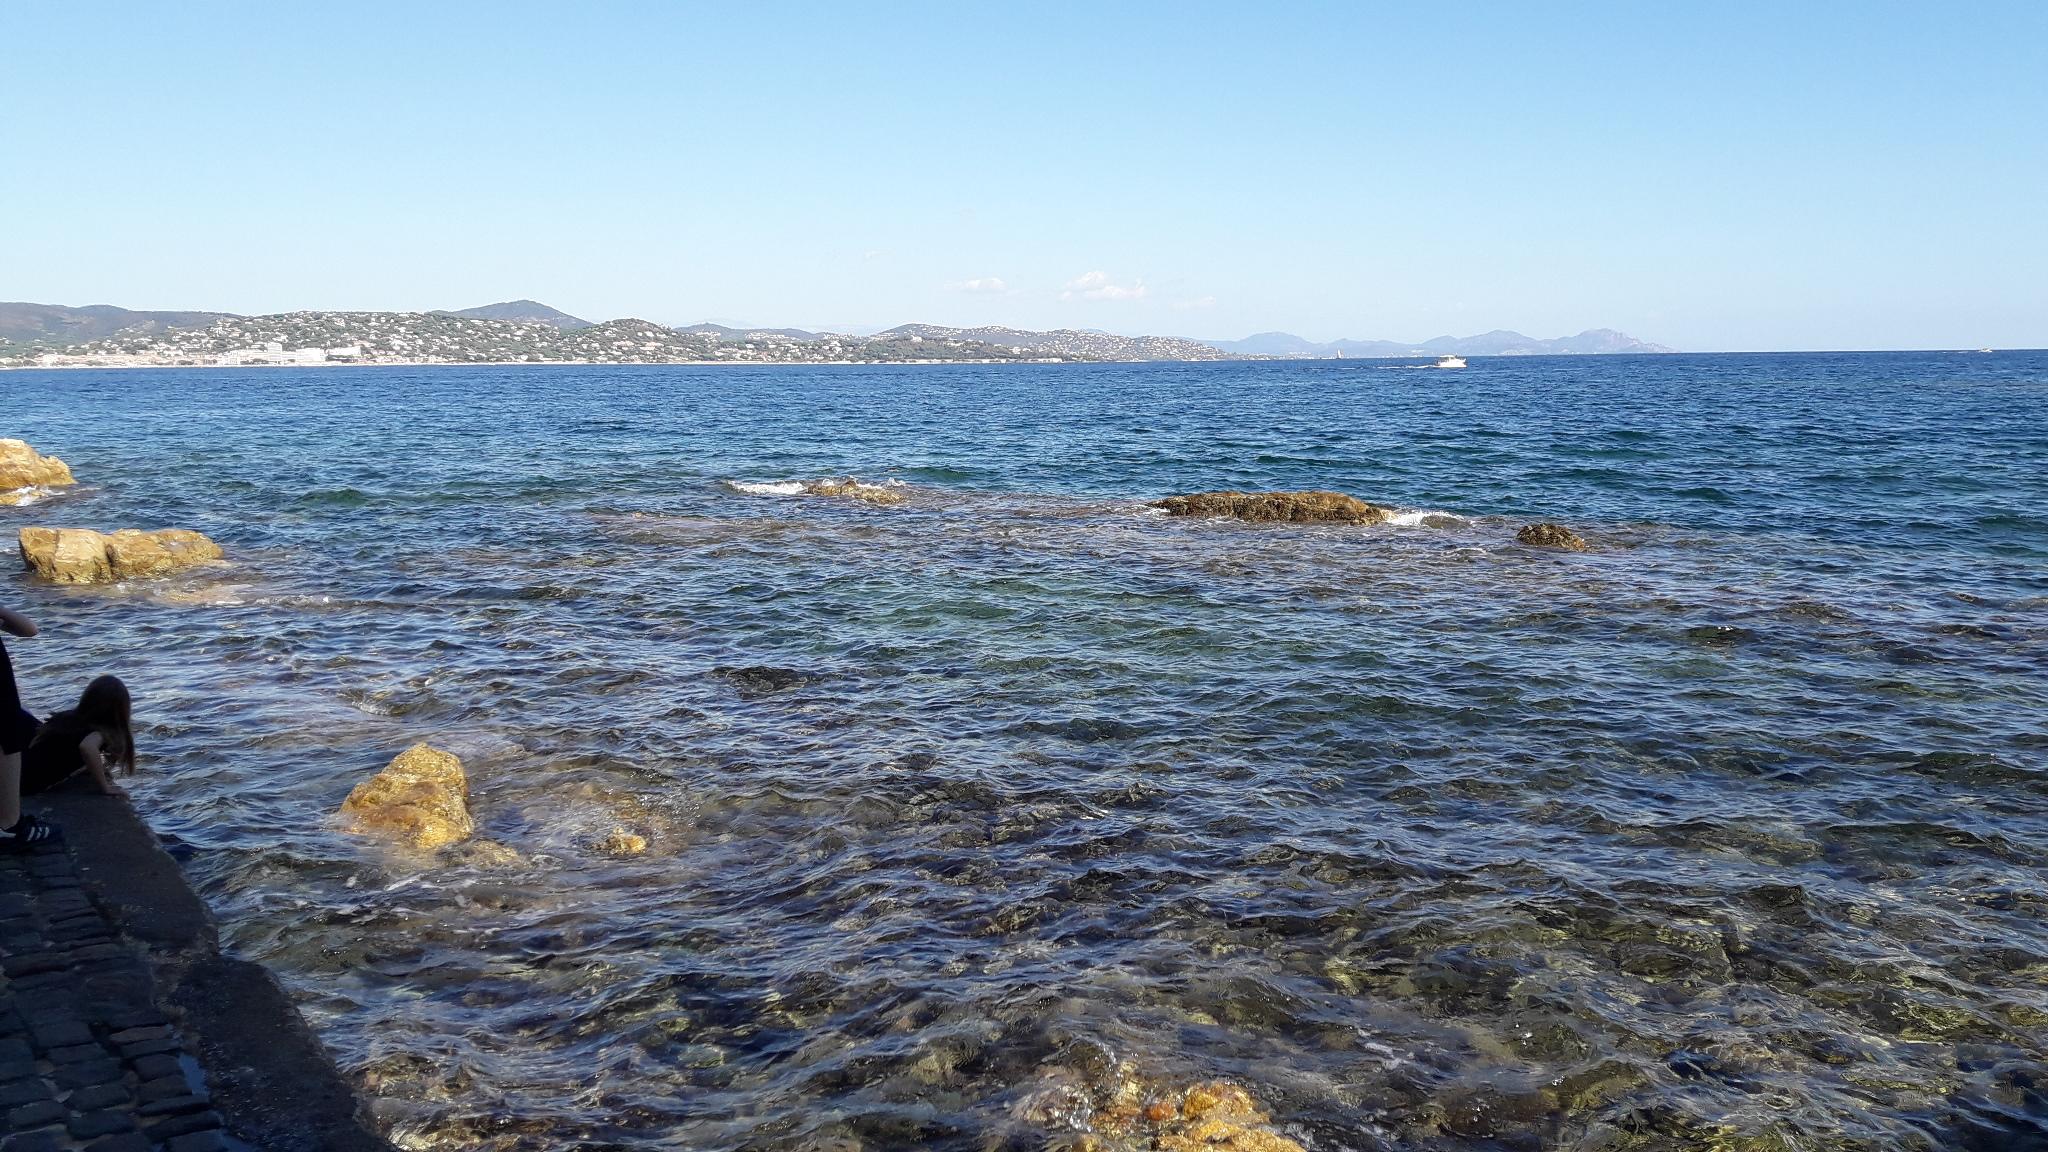 Cerco cohousing sul mare